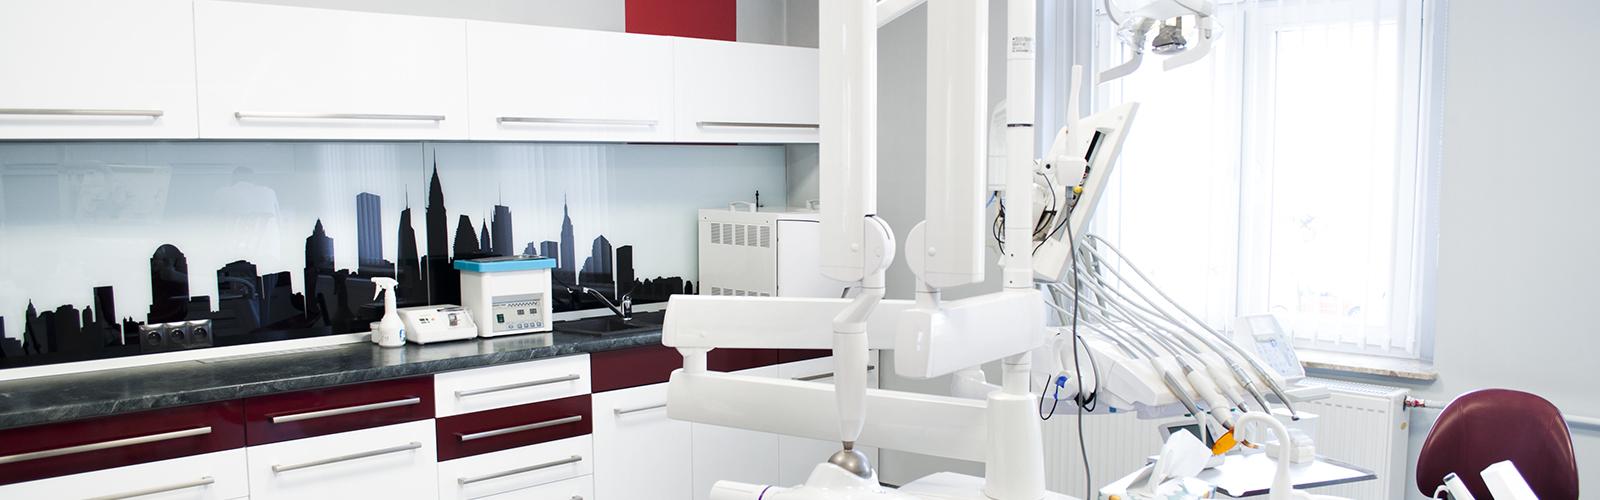 Gabinet lekarza stomatologii Mateusza Kufiety